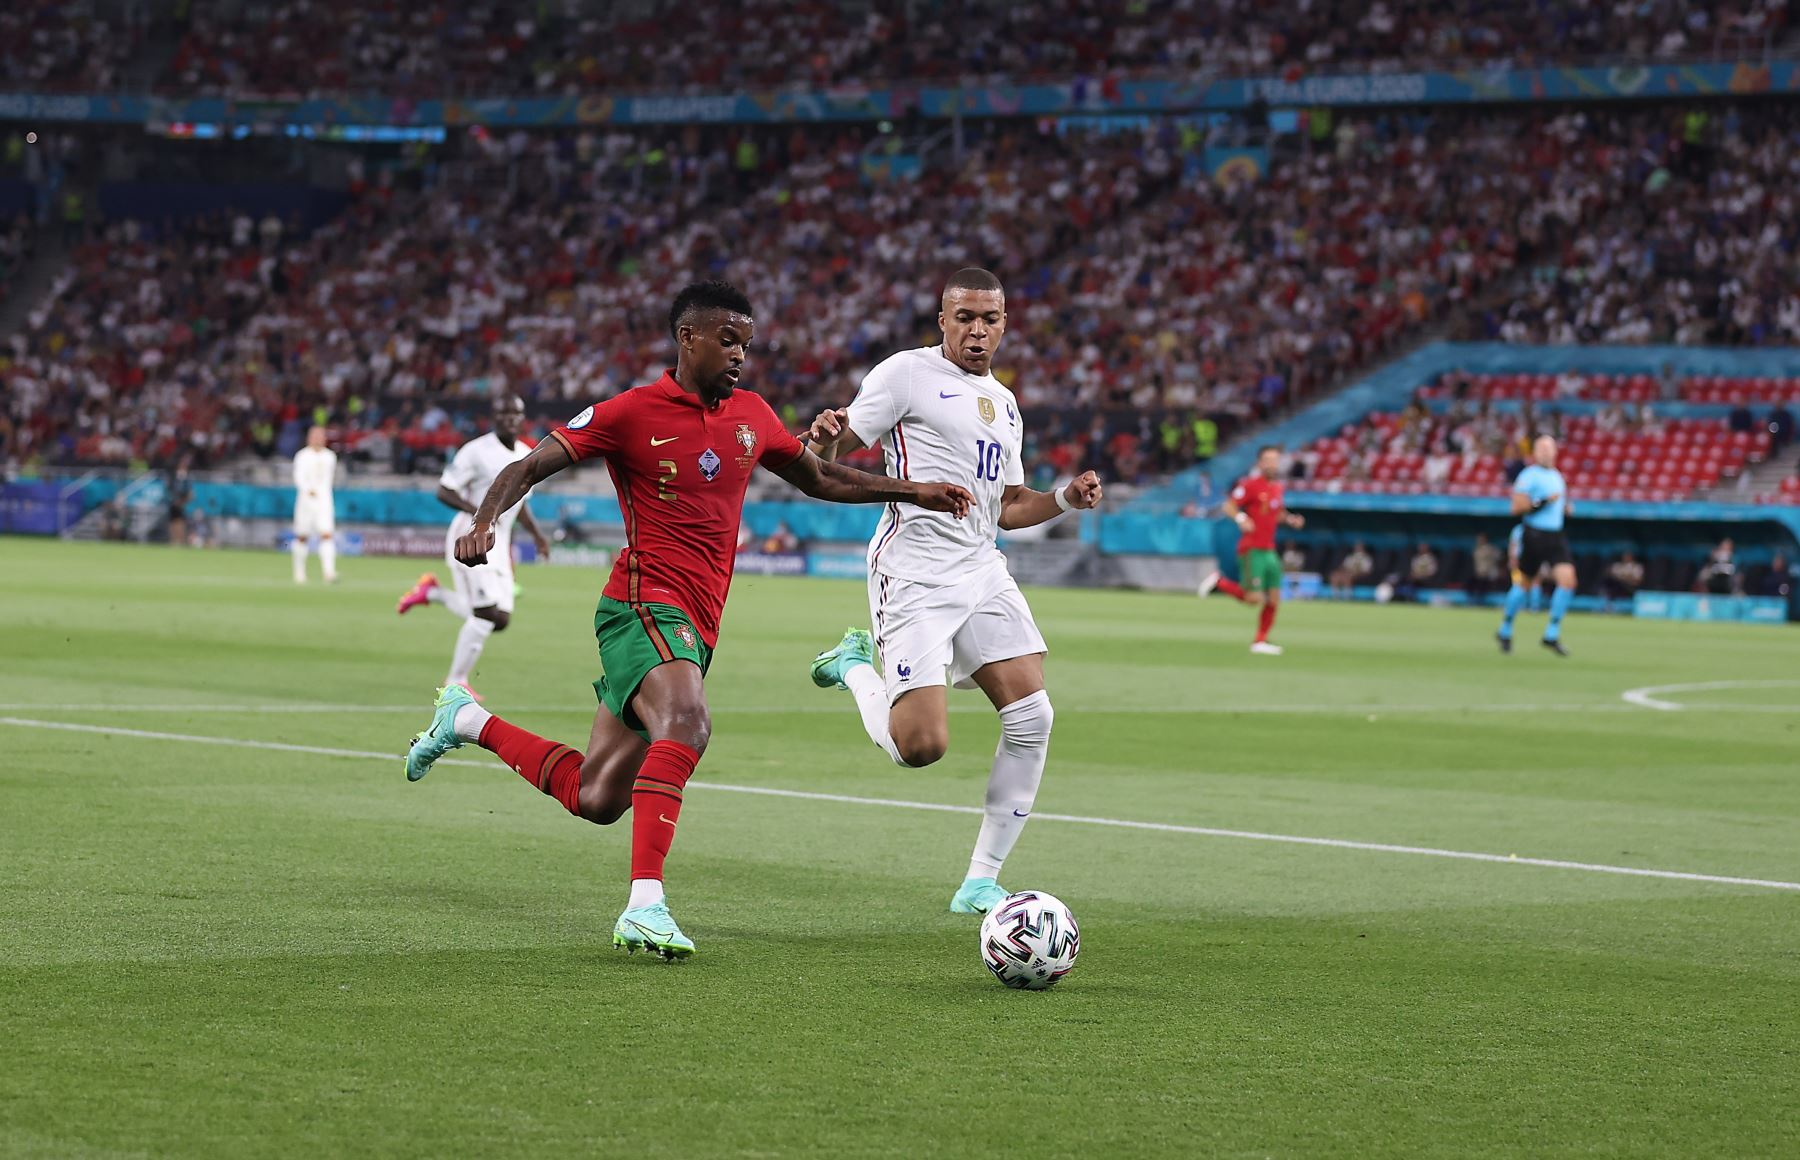 Nelson Semedo de Portugal en acción contra Kylian Mbappé de Francia durante el partido por el grupo F de la UEFA EURO 2020, en Budapest, Hungría. Foto: EFE